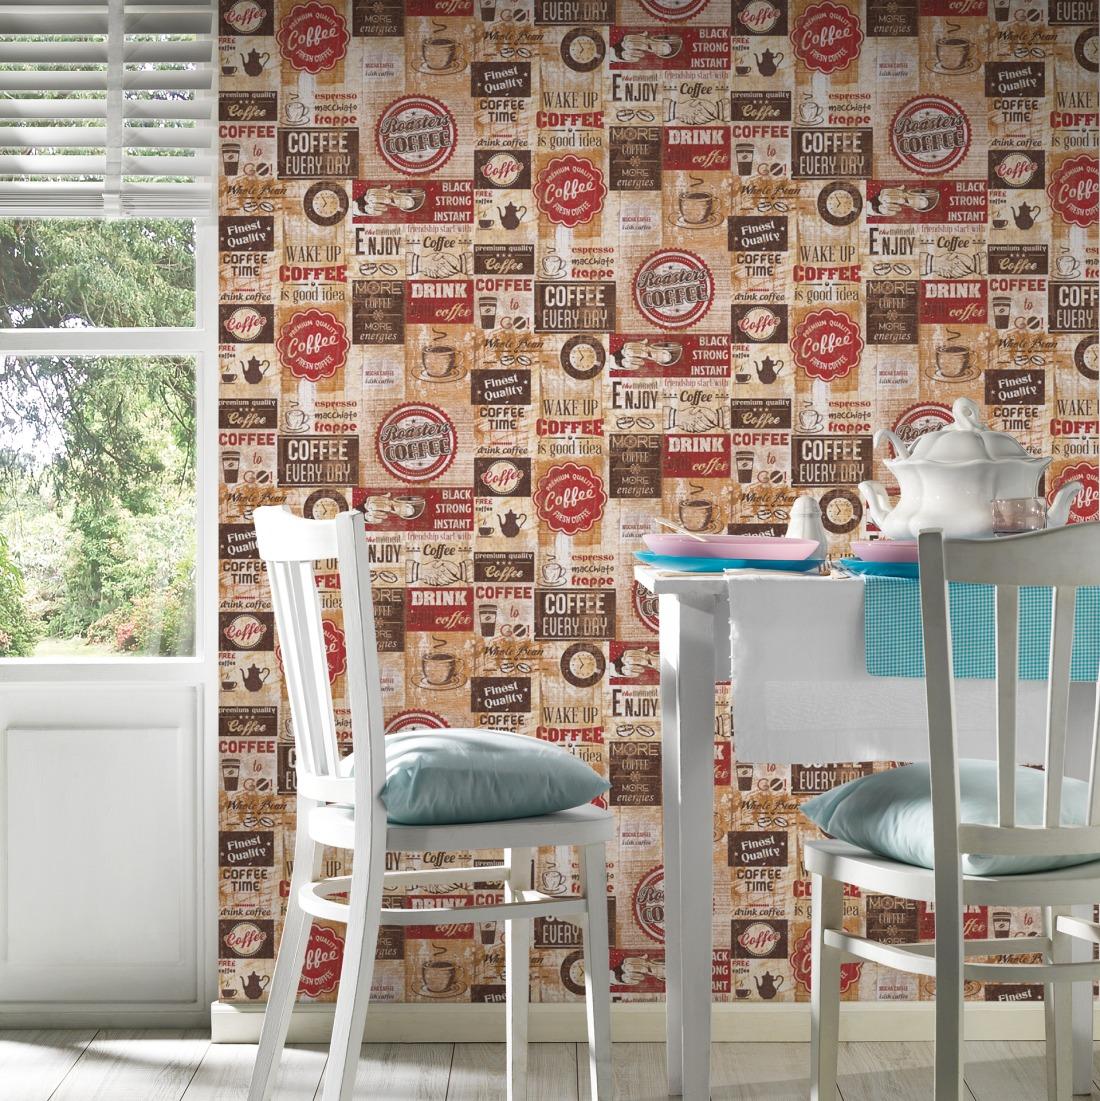 Full Size of Tapete Kaffee Kche Rotbraun 33480 1 Fototapete Fenster Ikea Küche Kosten Was Kostet Eine Schubladeneinsatz Betonoptik Wasserhähne Billige Fliesenspiegel Wohnzimmer Retro Tapete Küche